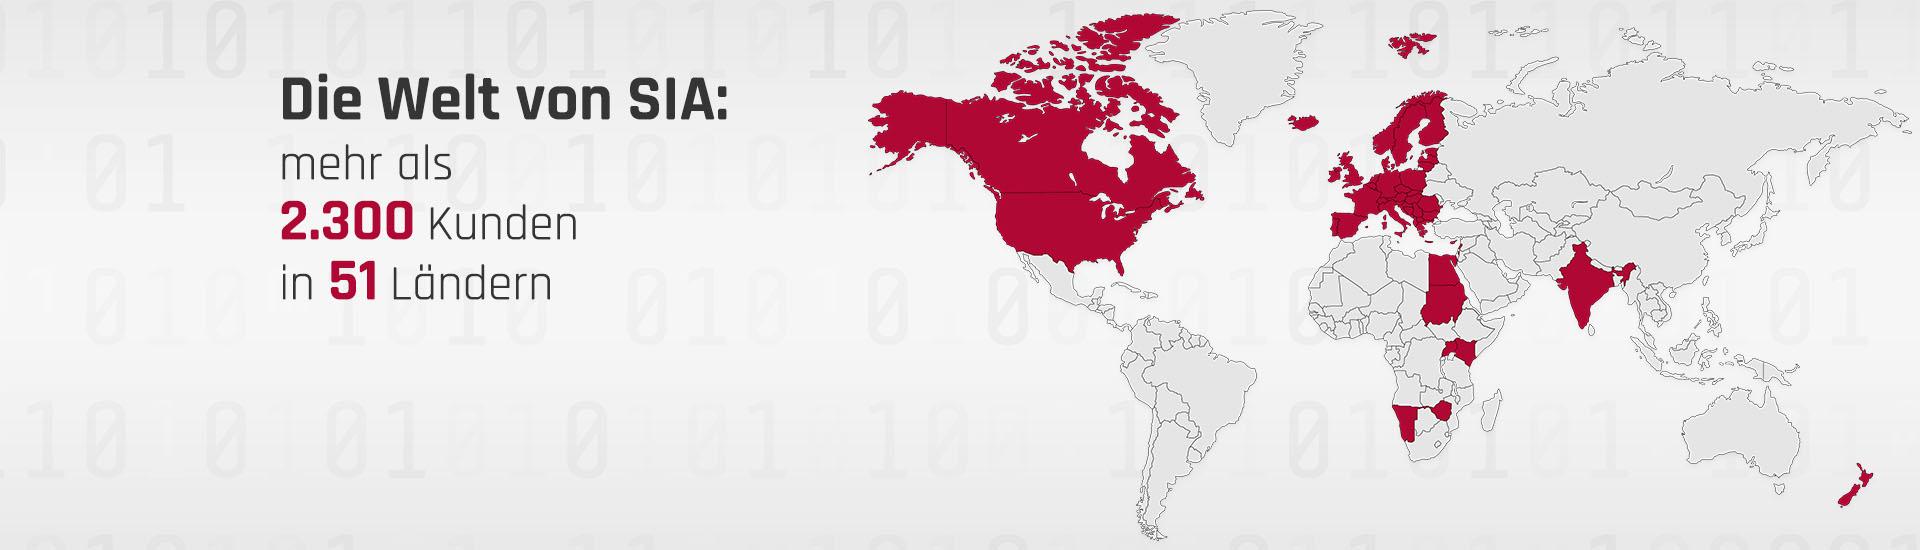 Die Welt von SIA: mehr als 2.300 Kunden in 51 Ländern